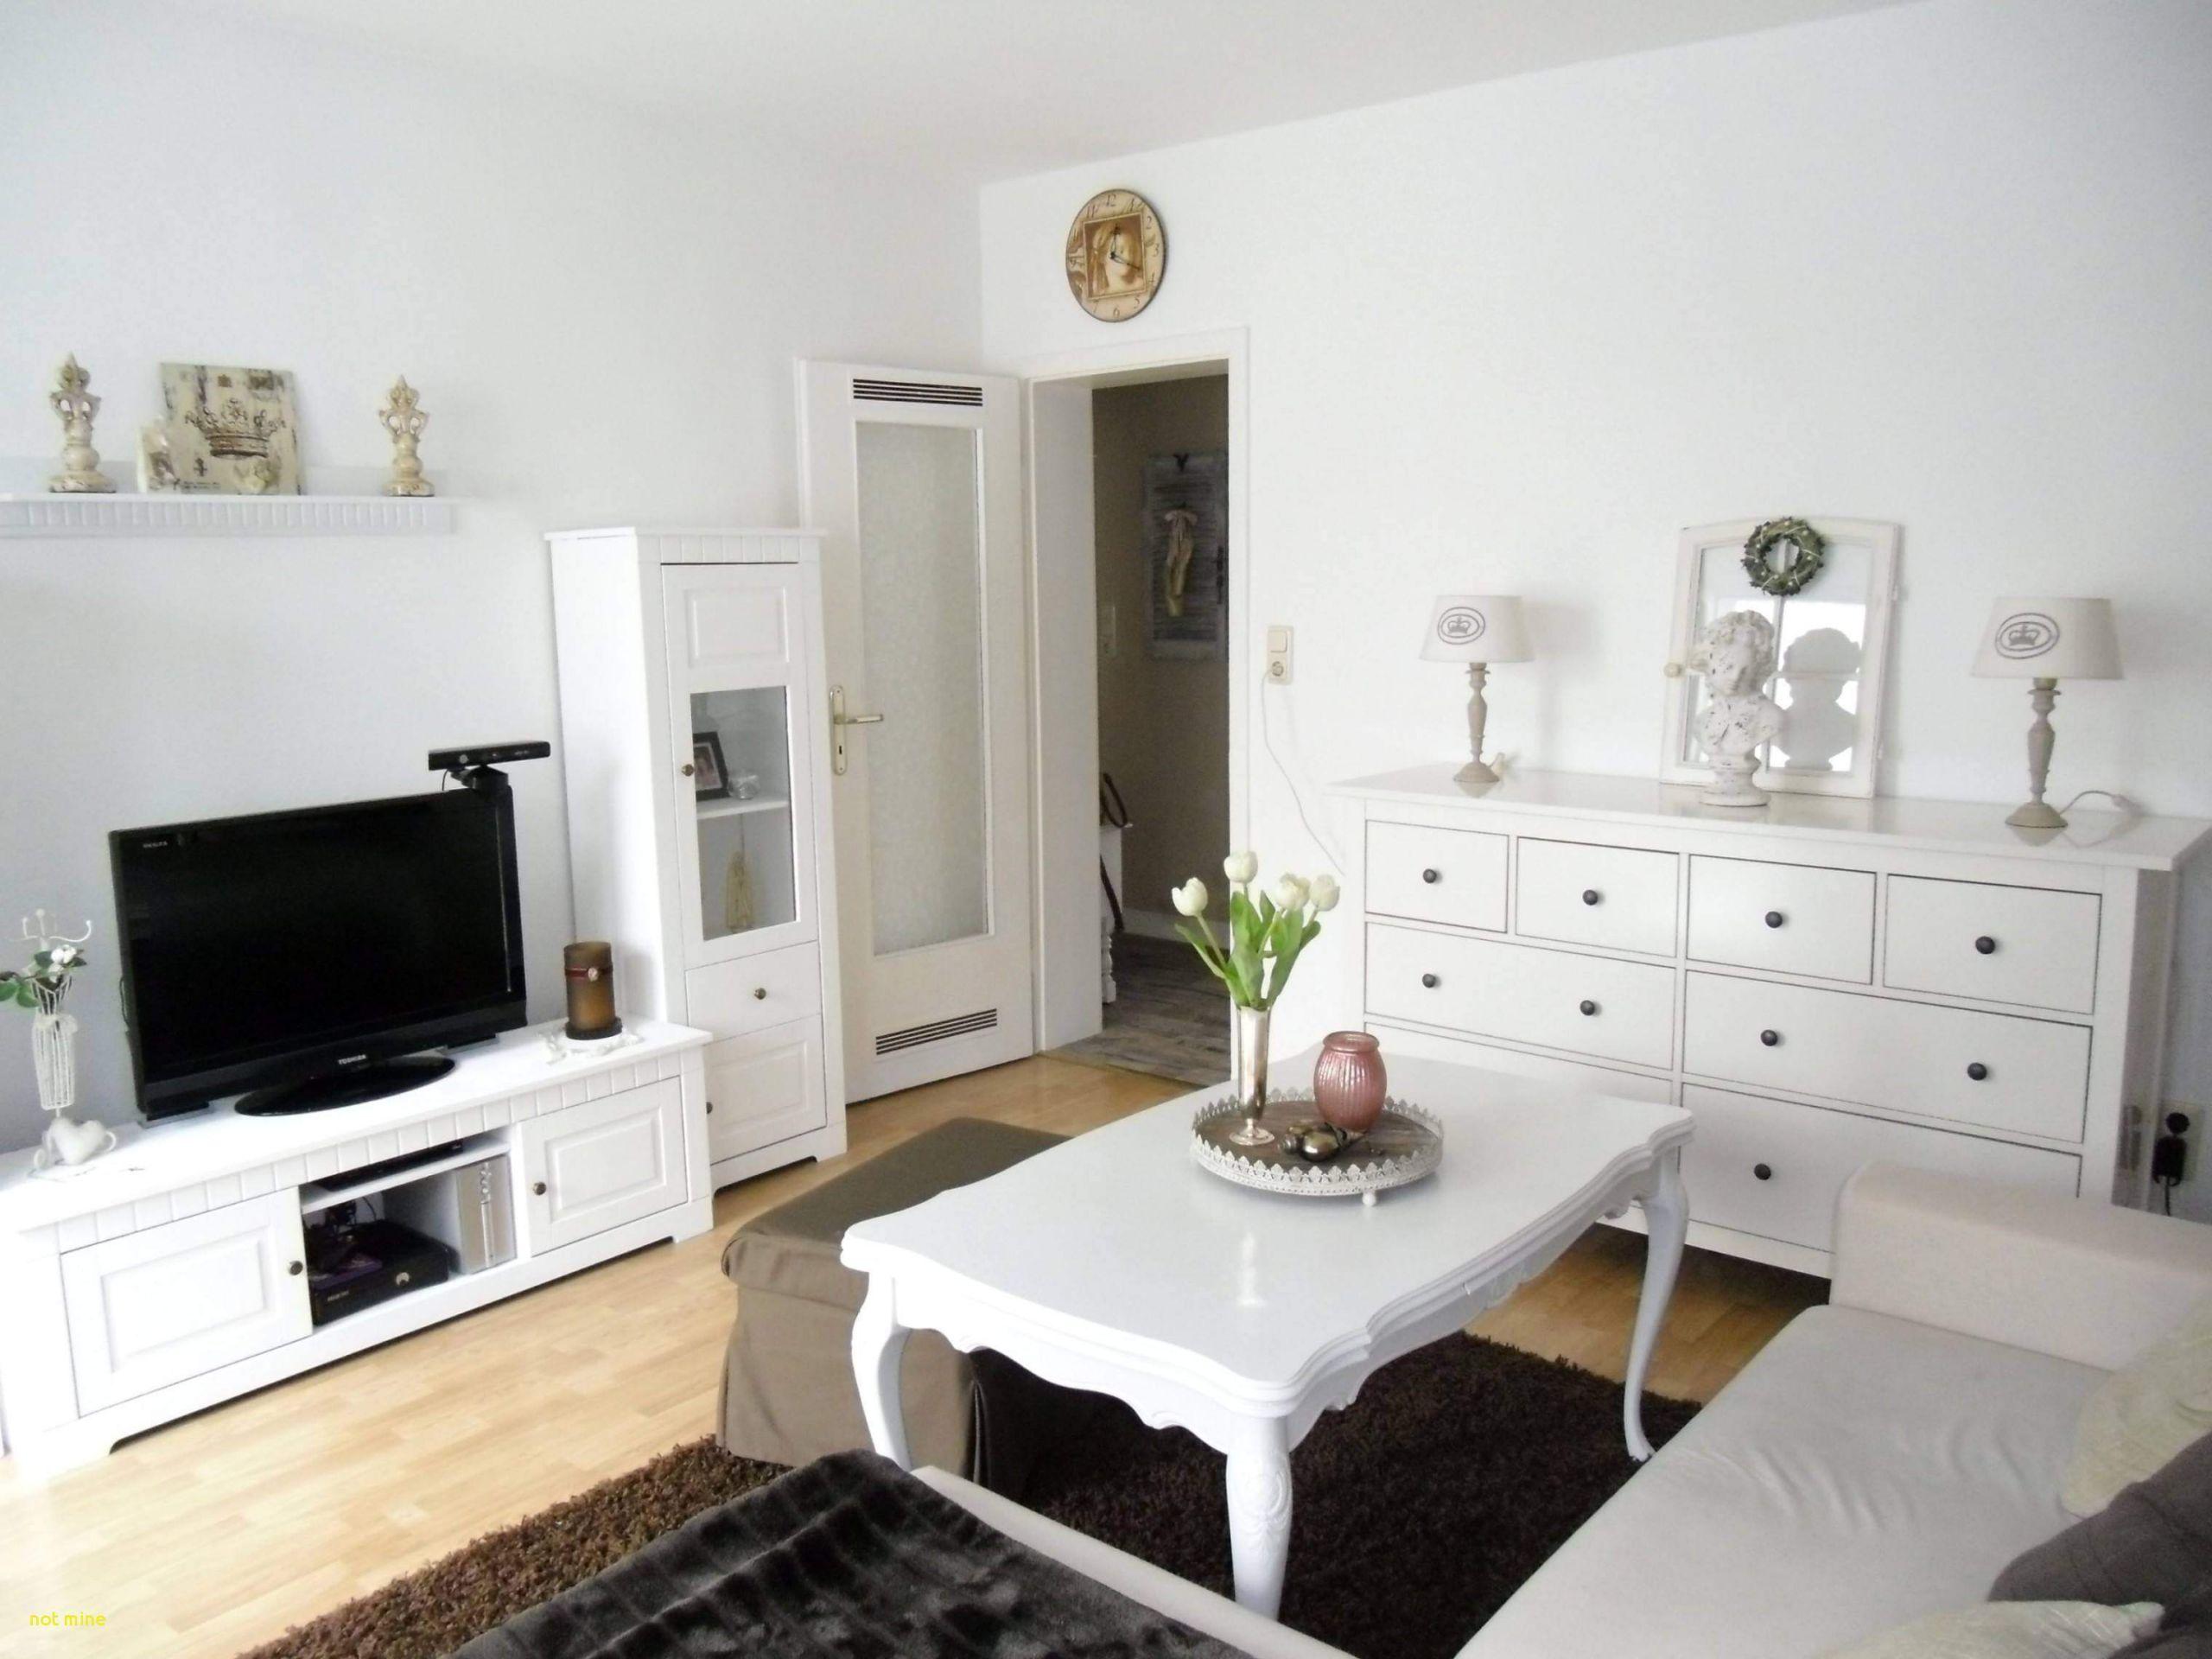 poco wohnzimmer reizend poco wohnzimmer deko beautiful verkaufsschlager wohnzimmer of poco wohnzimmer